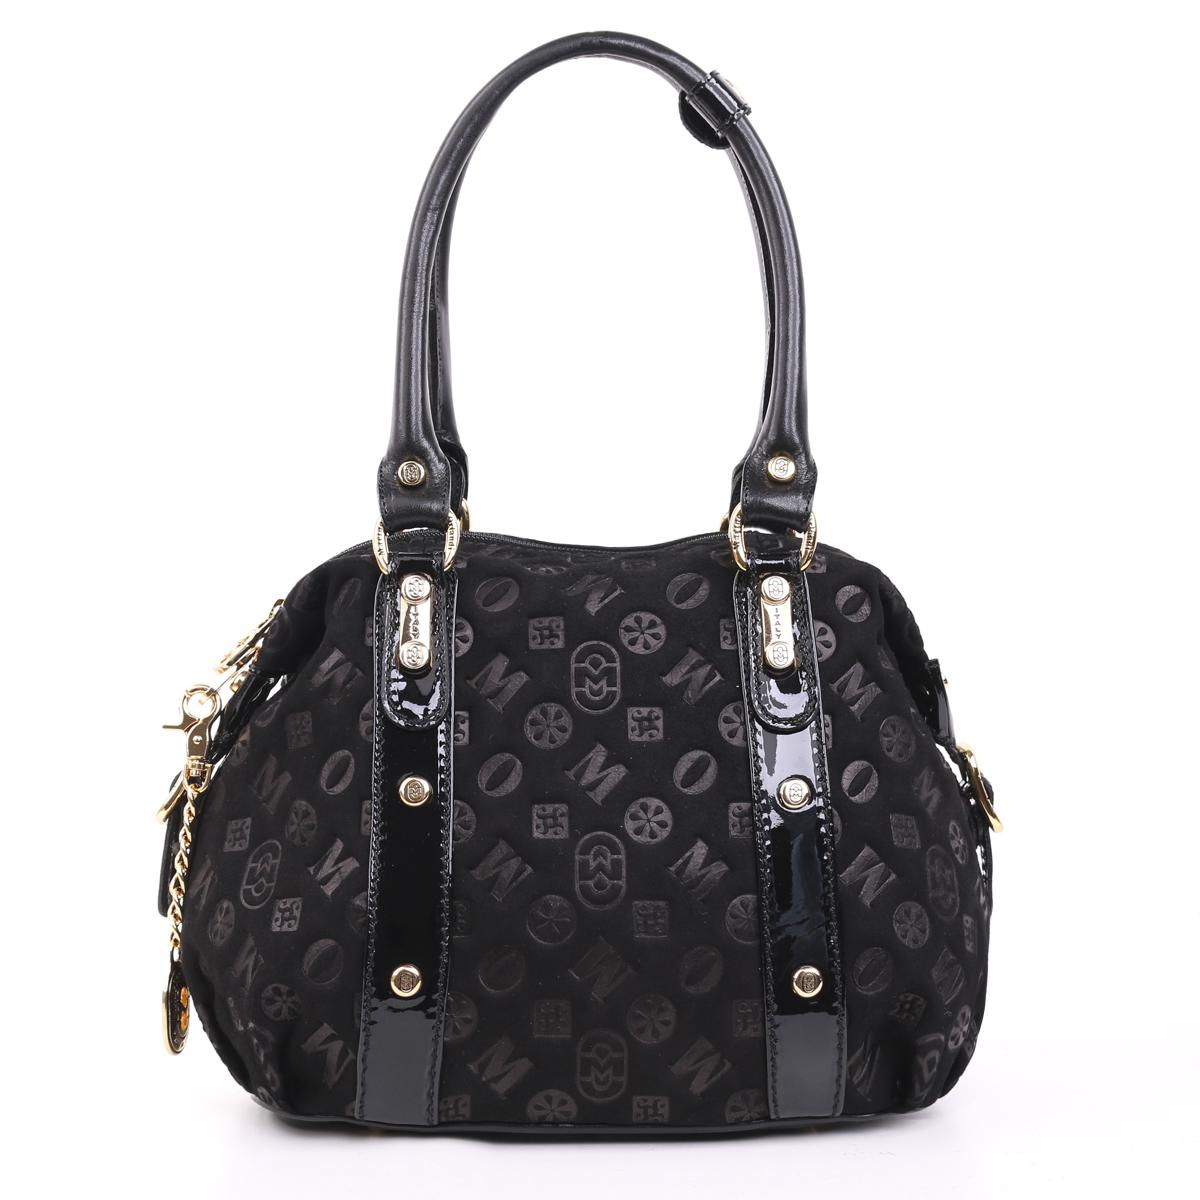 c117ccd9d6ce Купить кожаную сумку Marino Orlandi в интернет-магазине Bagroom